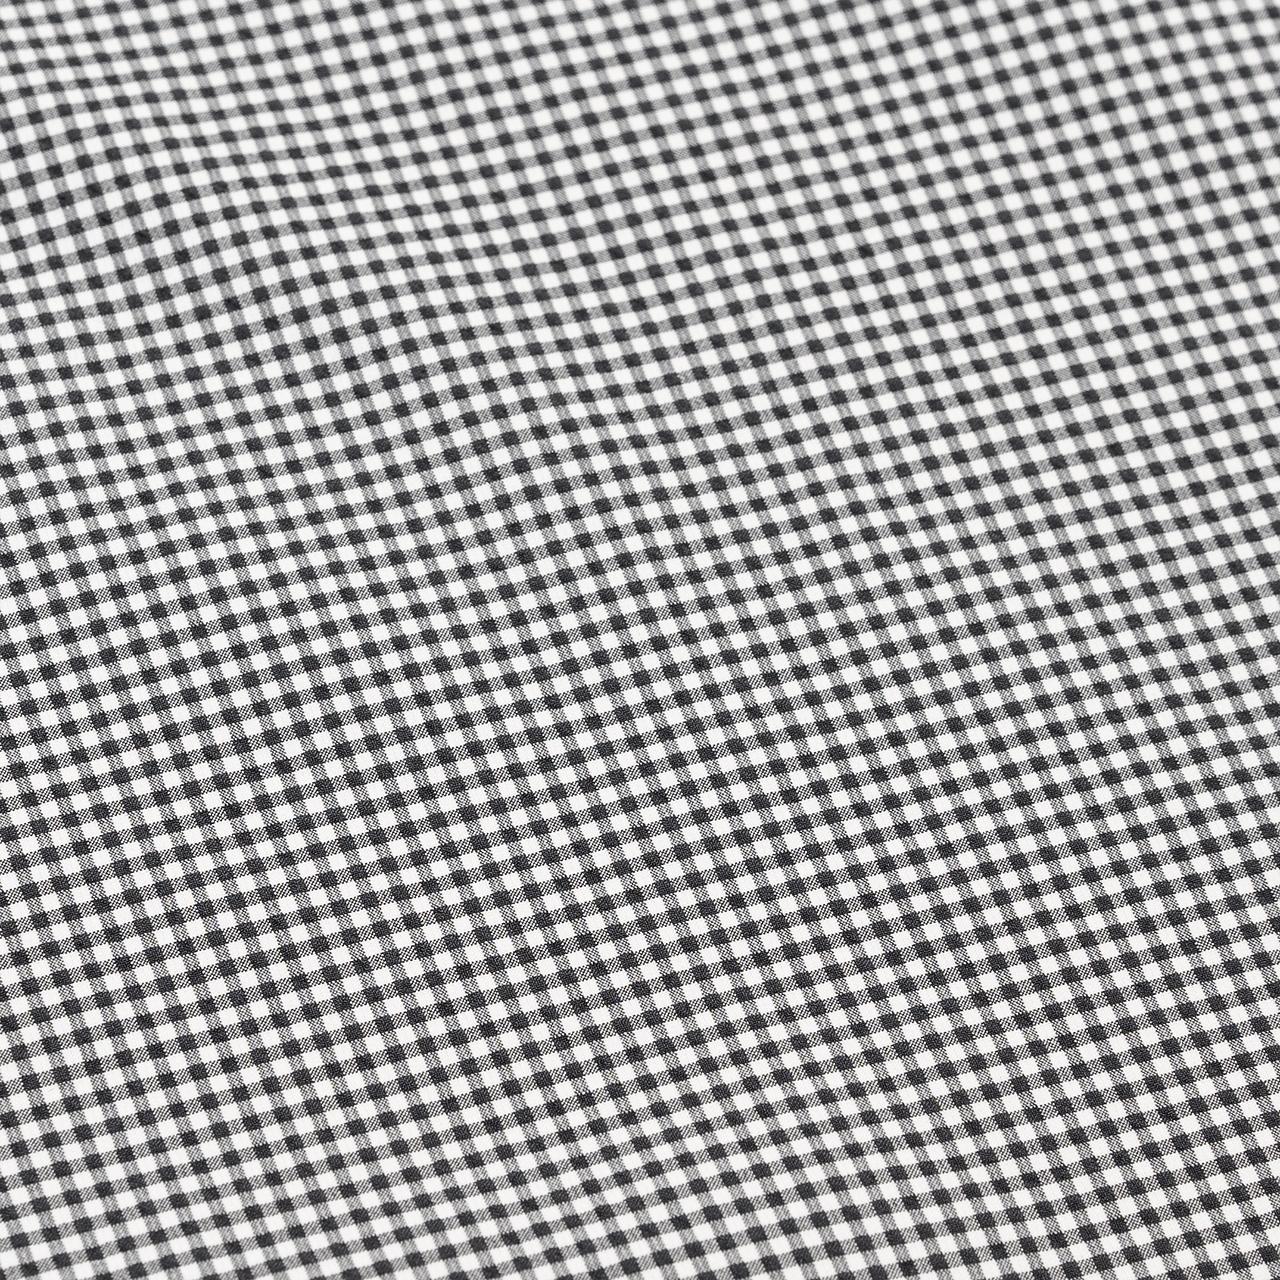 White × Black Check